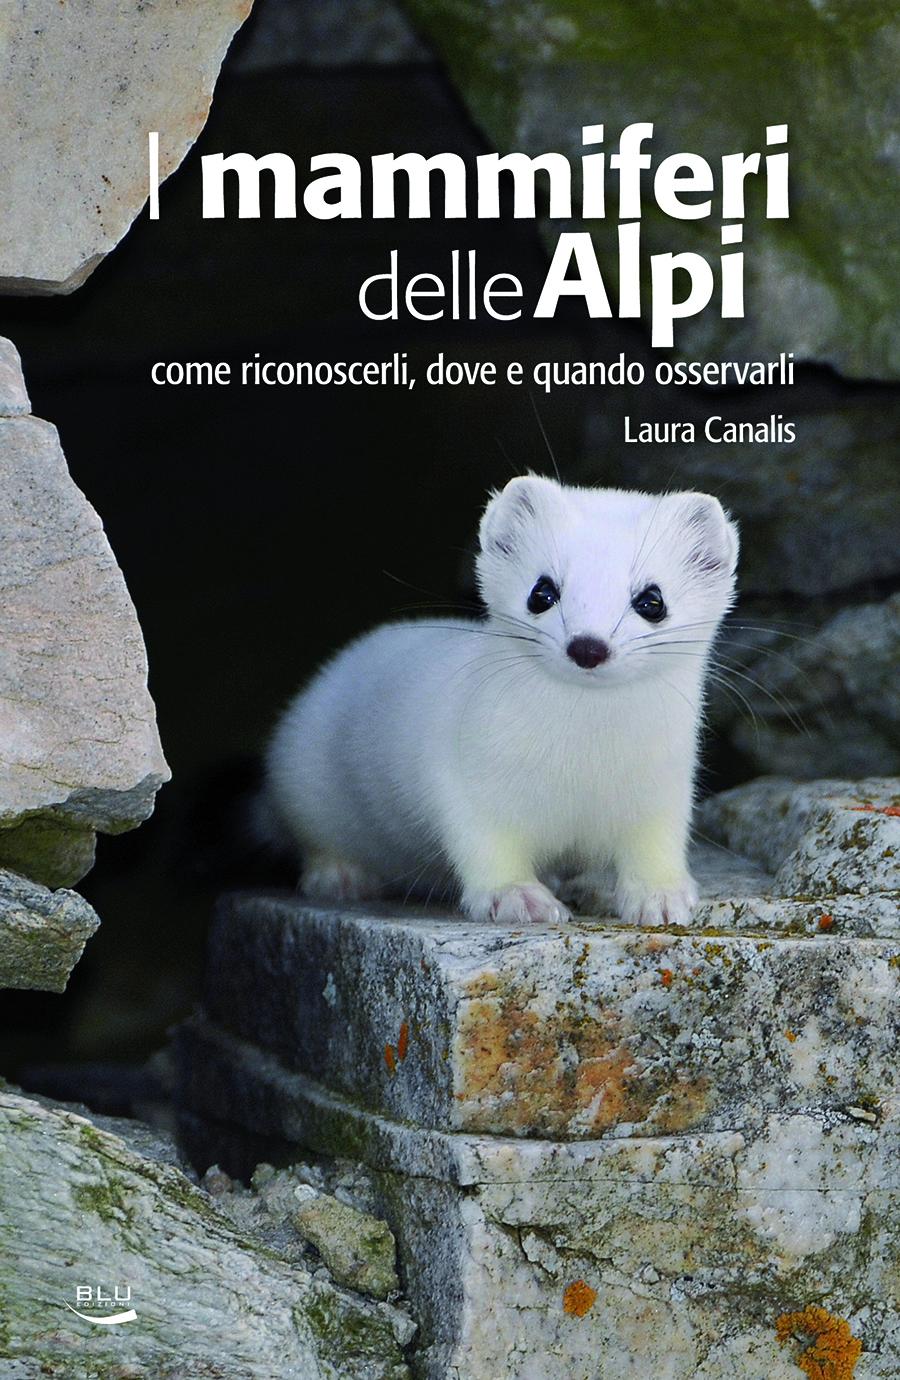 I mammiferi delle Alpi, Blu Edizioni